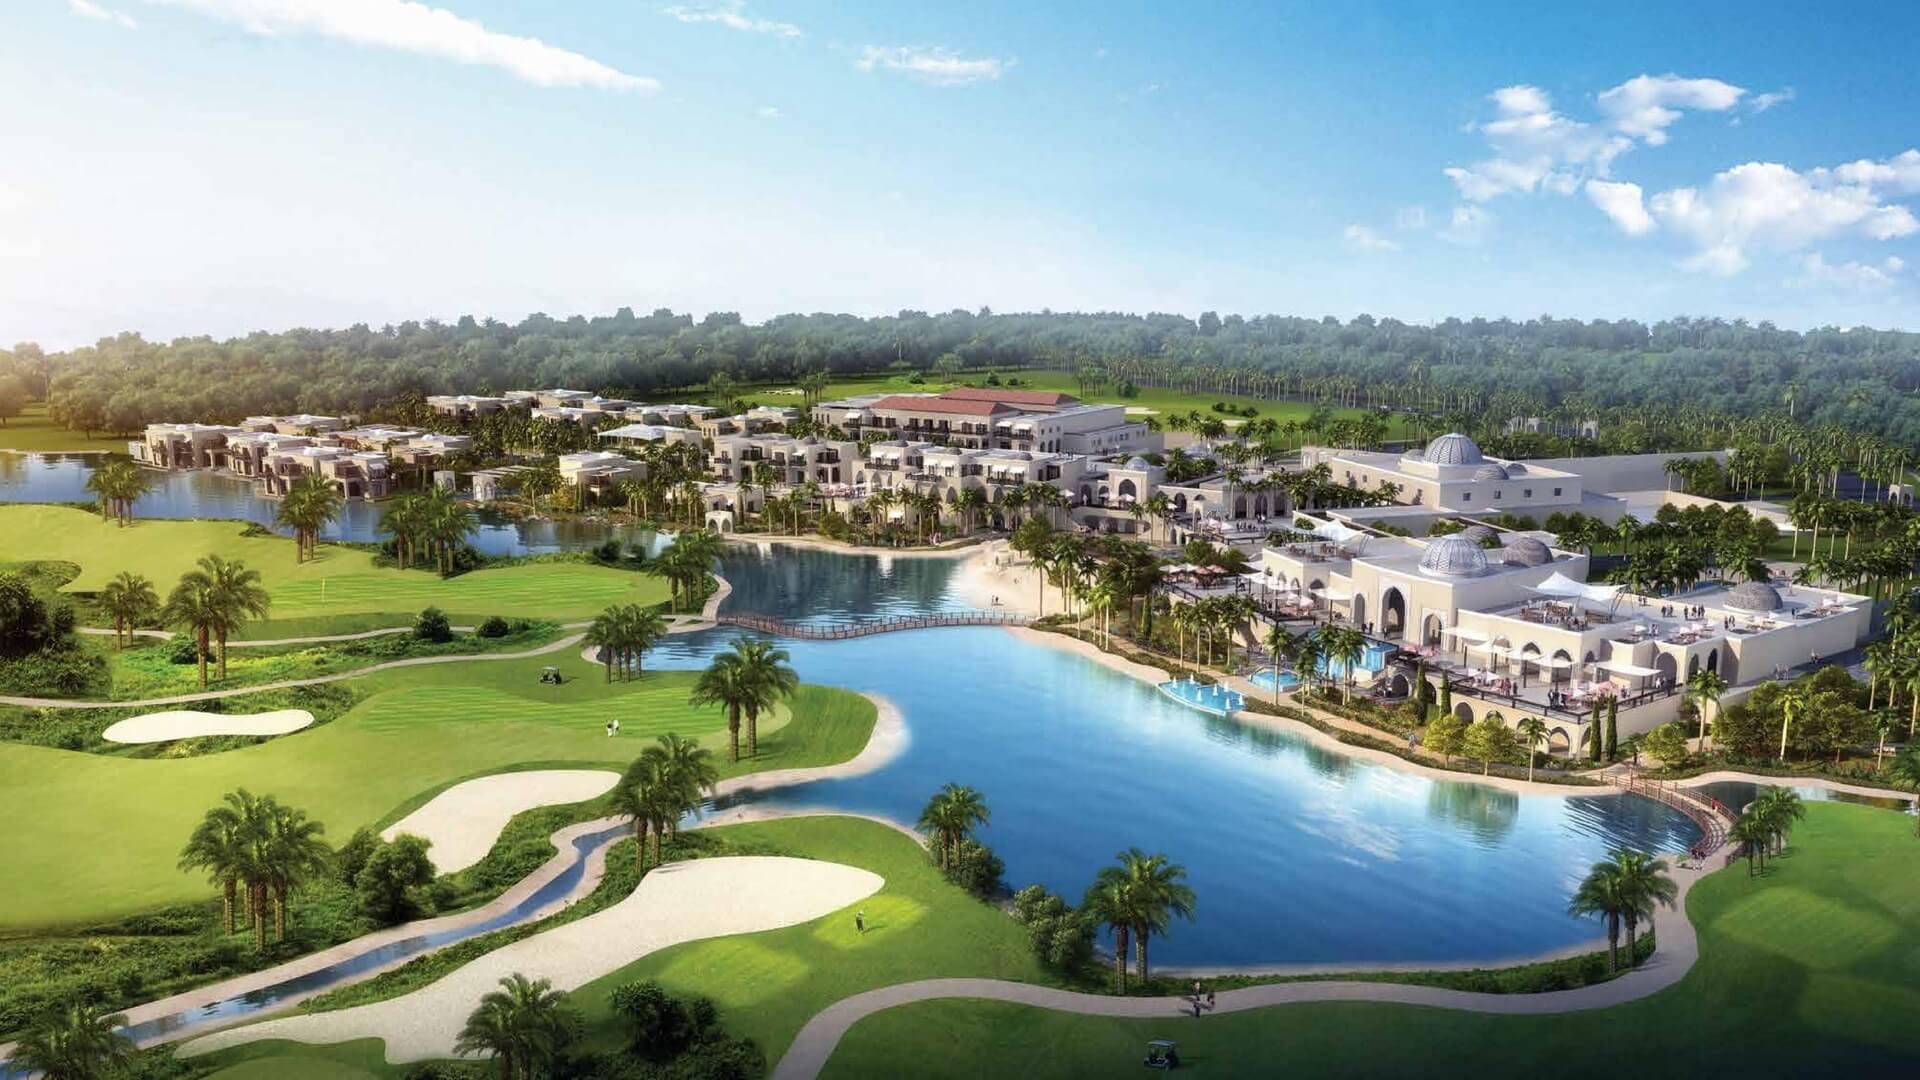 Adosado en venta en Dubai, EAU, 3 dormitorios, 152 m2, № 24054 – foto 4